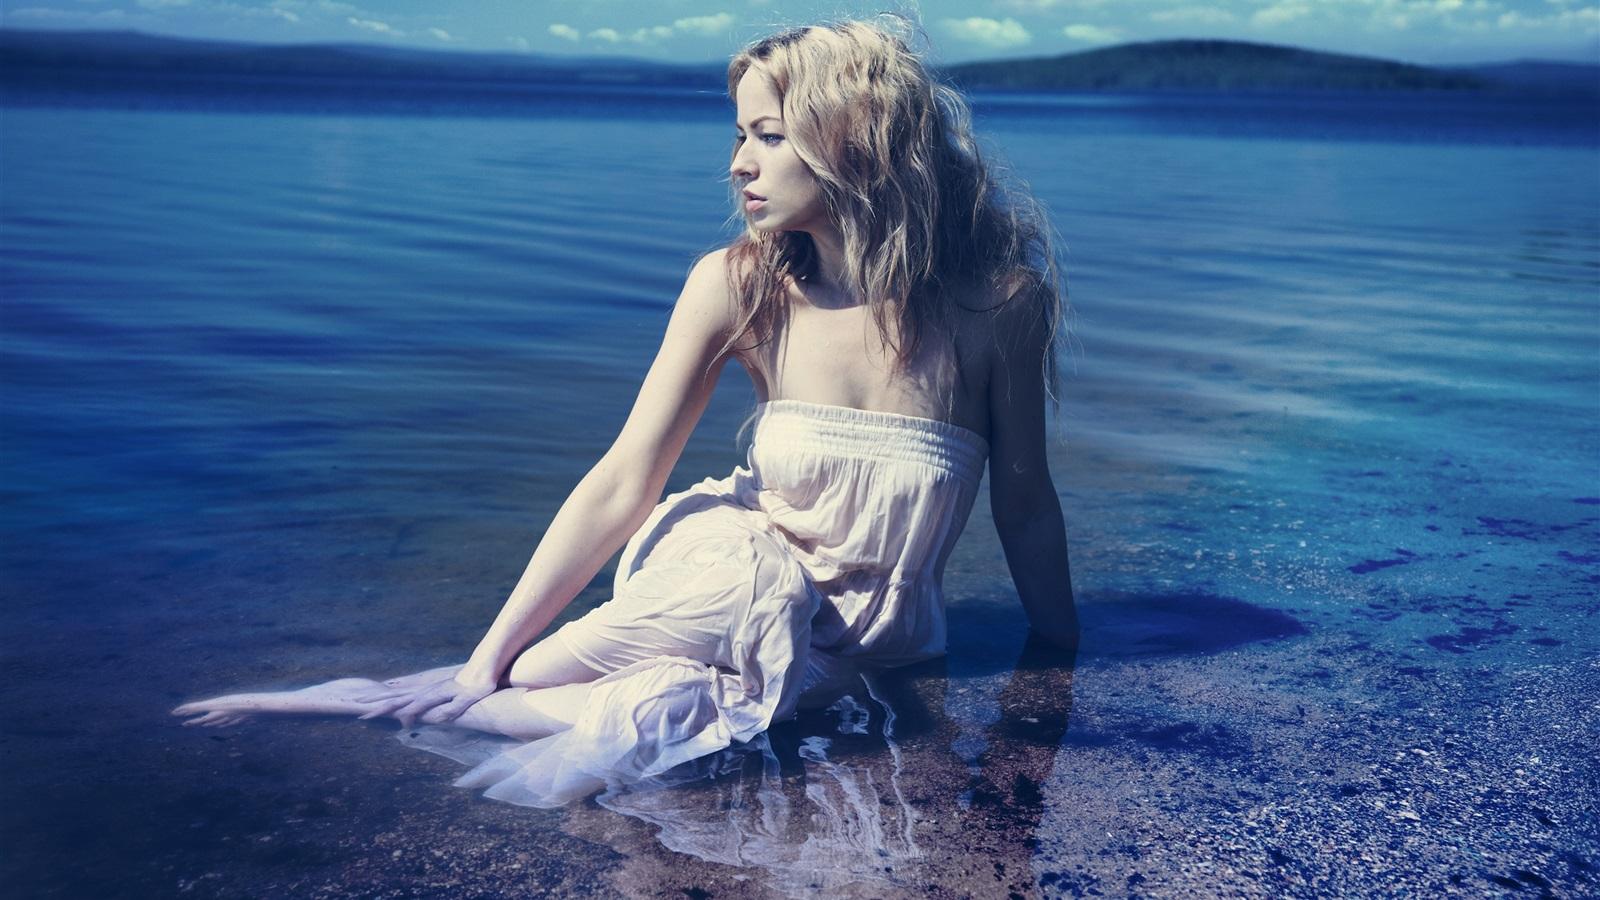 в воде блондинка